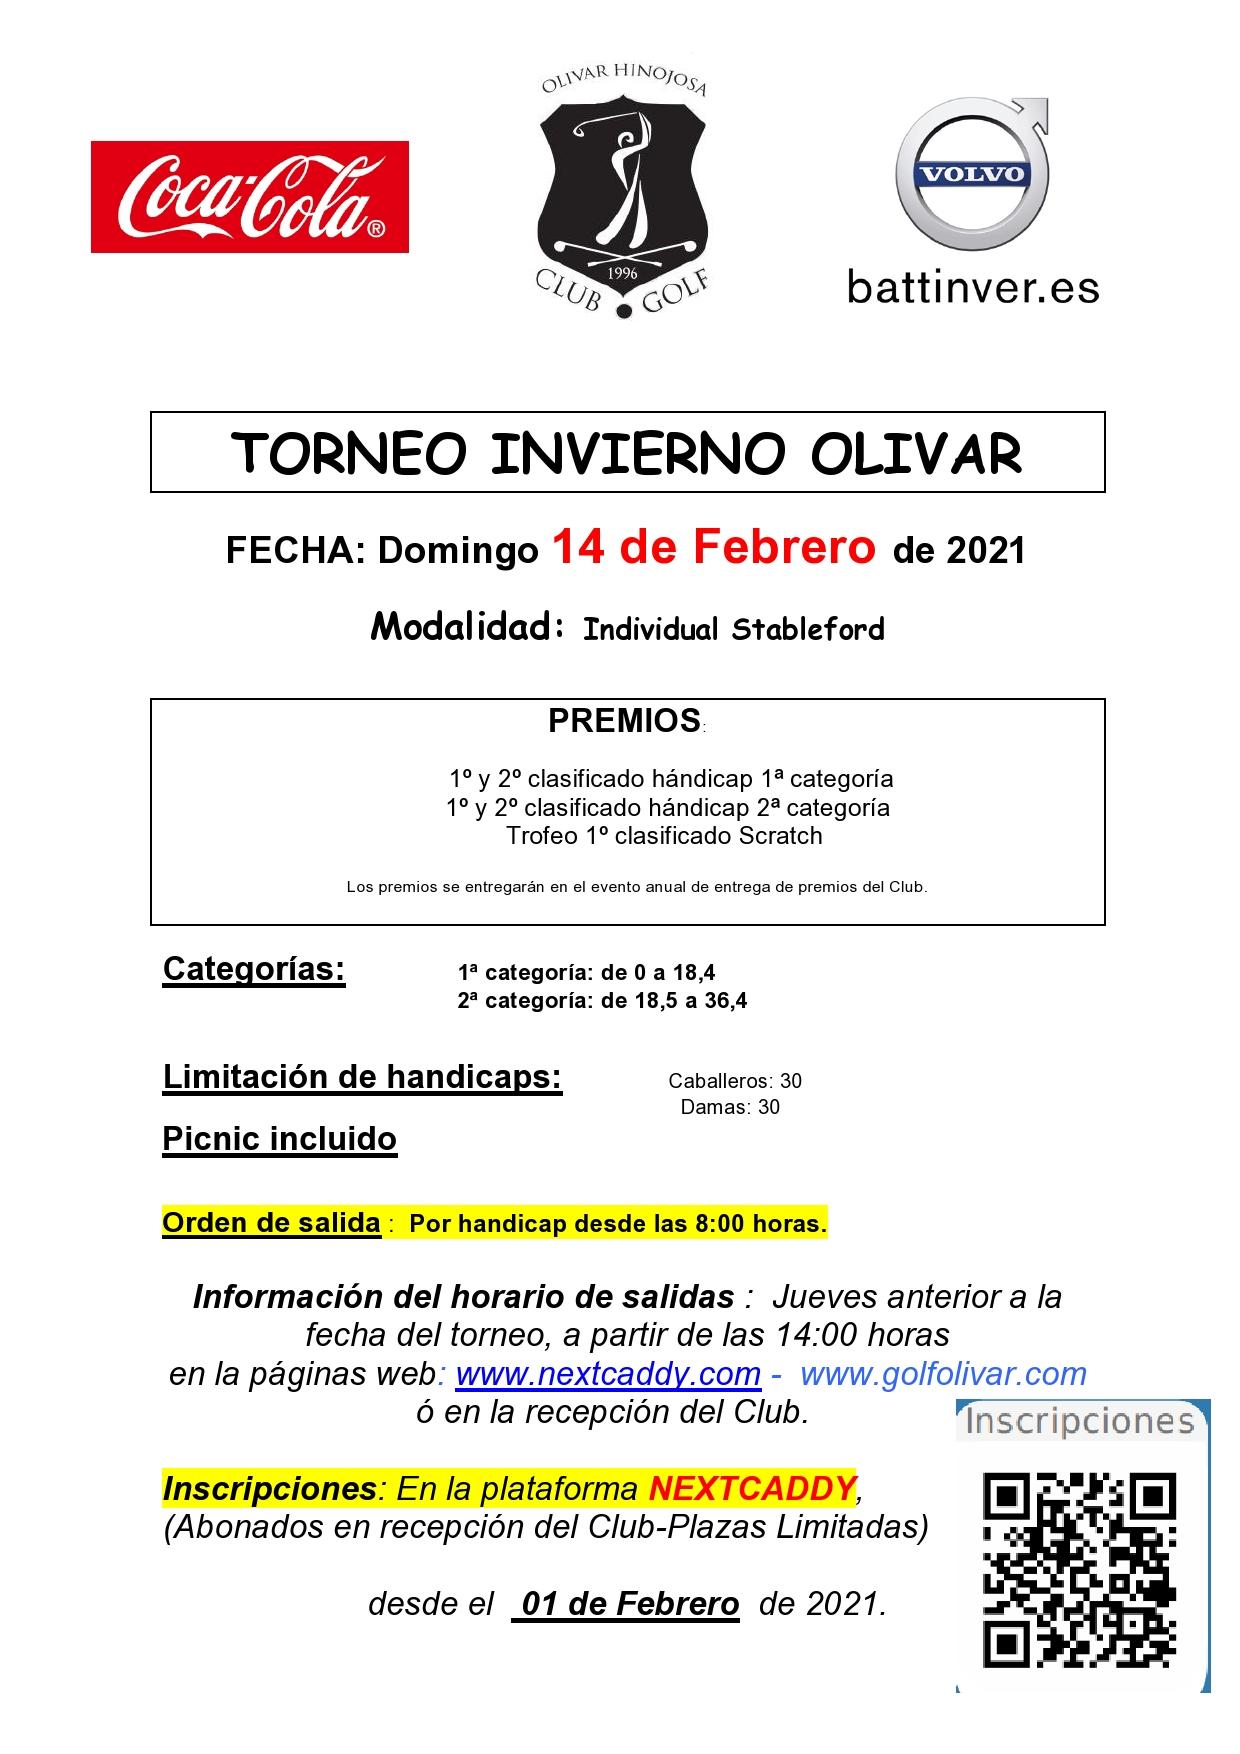 cartel torneo invierno 2021 Joaquin Molpeceres Sanchez Olivar de la Hinojosa